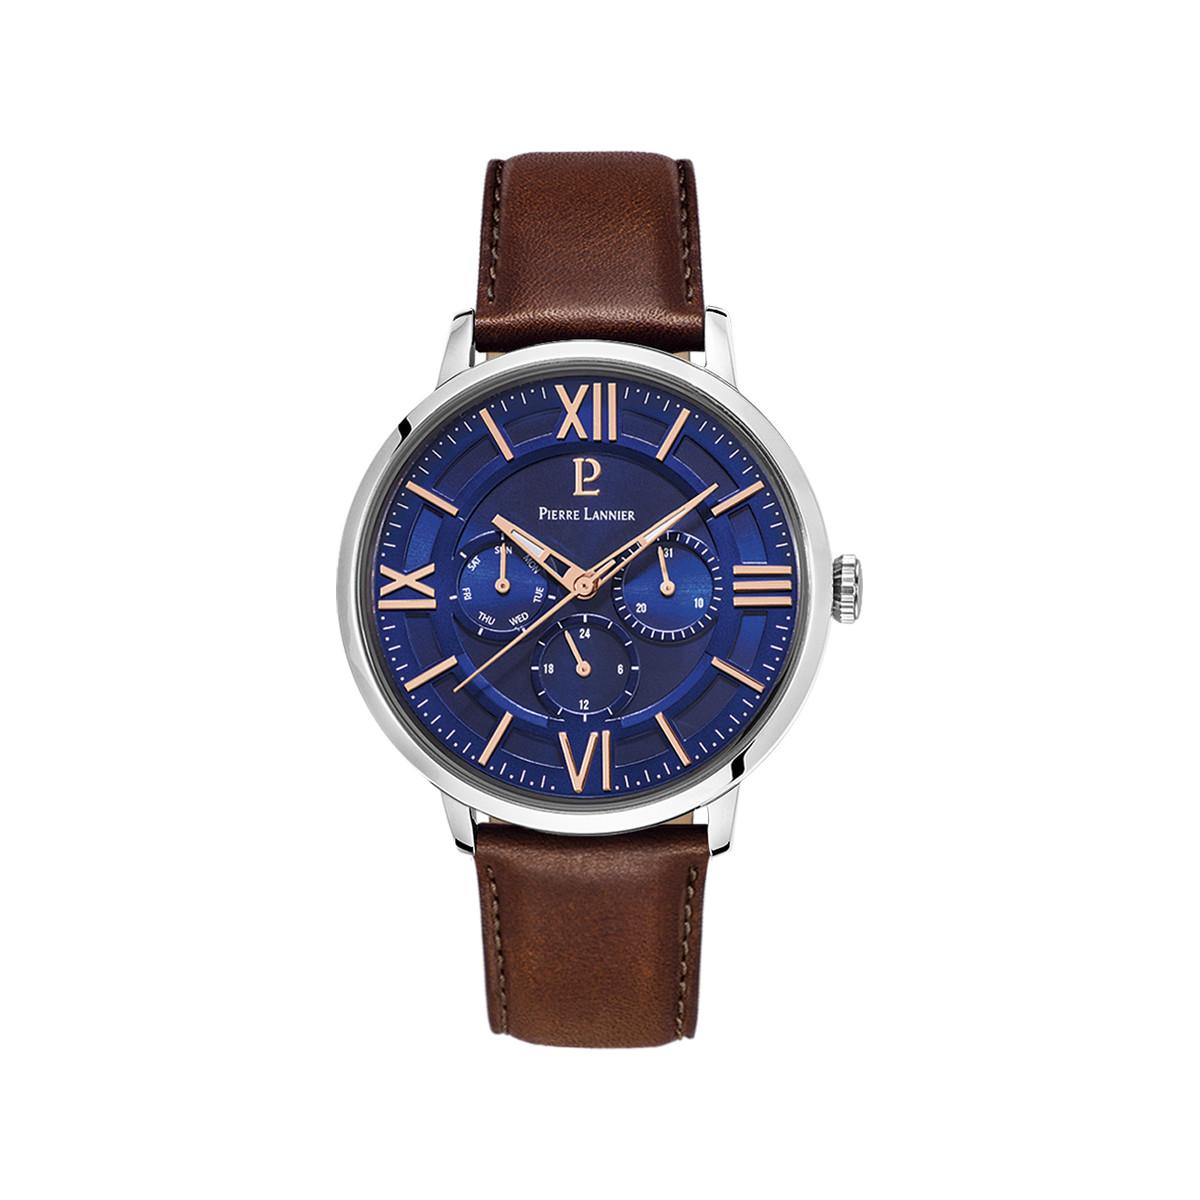 limpide en vue économiser jusqu'à 80% trouver le prix le plus bas Montre Pierre Lannier homme acier cuir brun